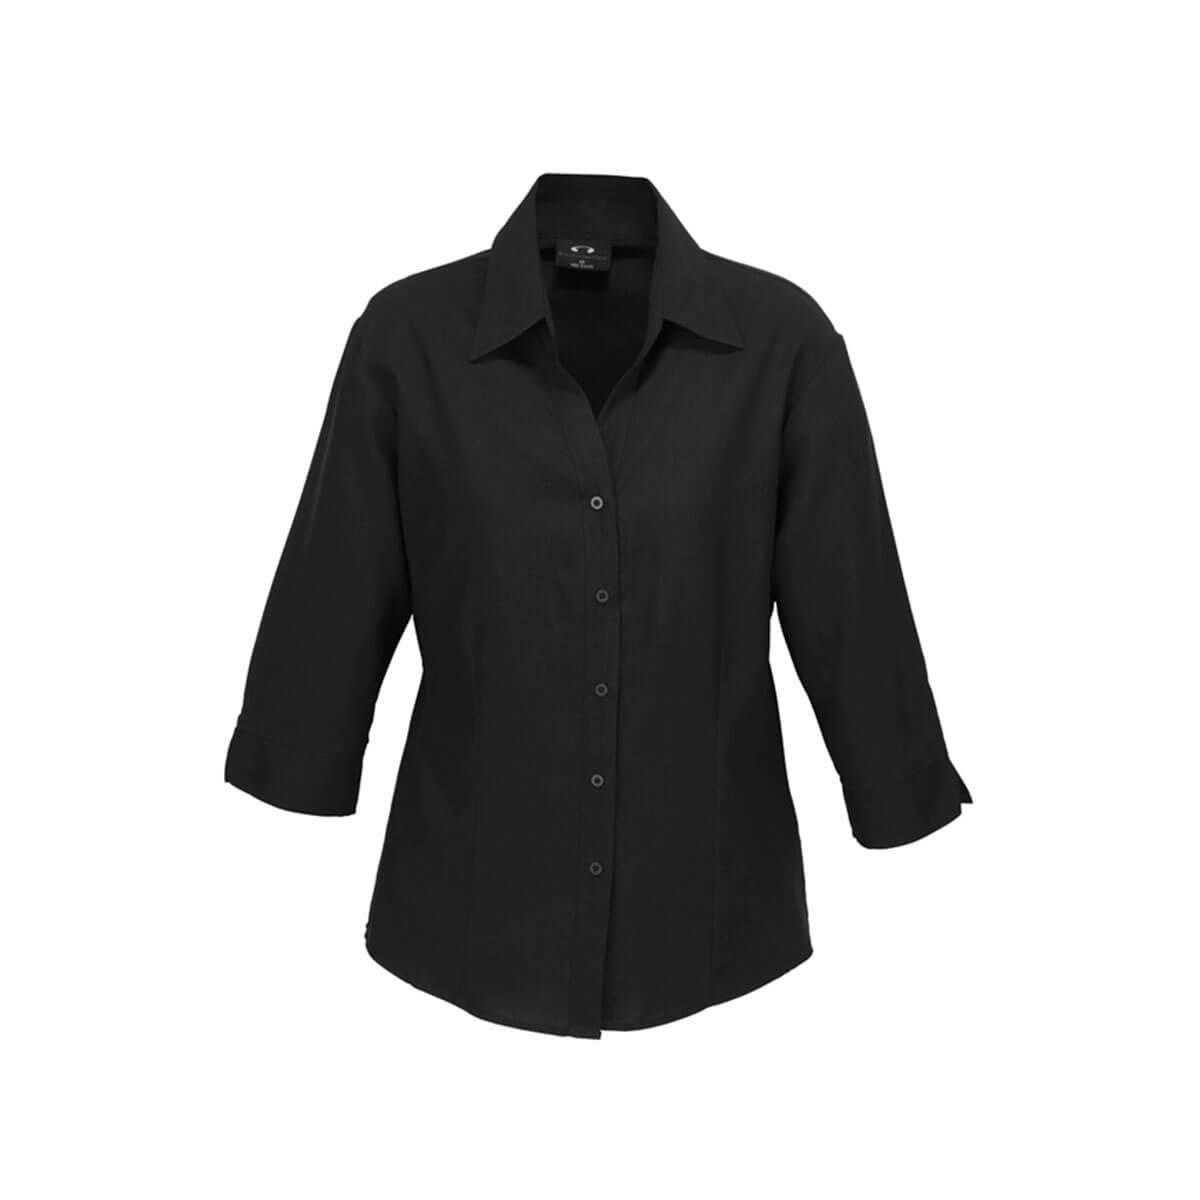 Ladies Plain Oasis 3/4 Sleeve Shirt-Black